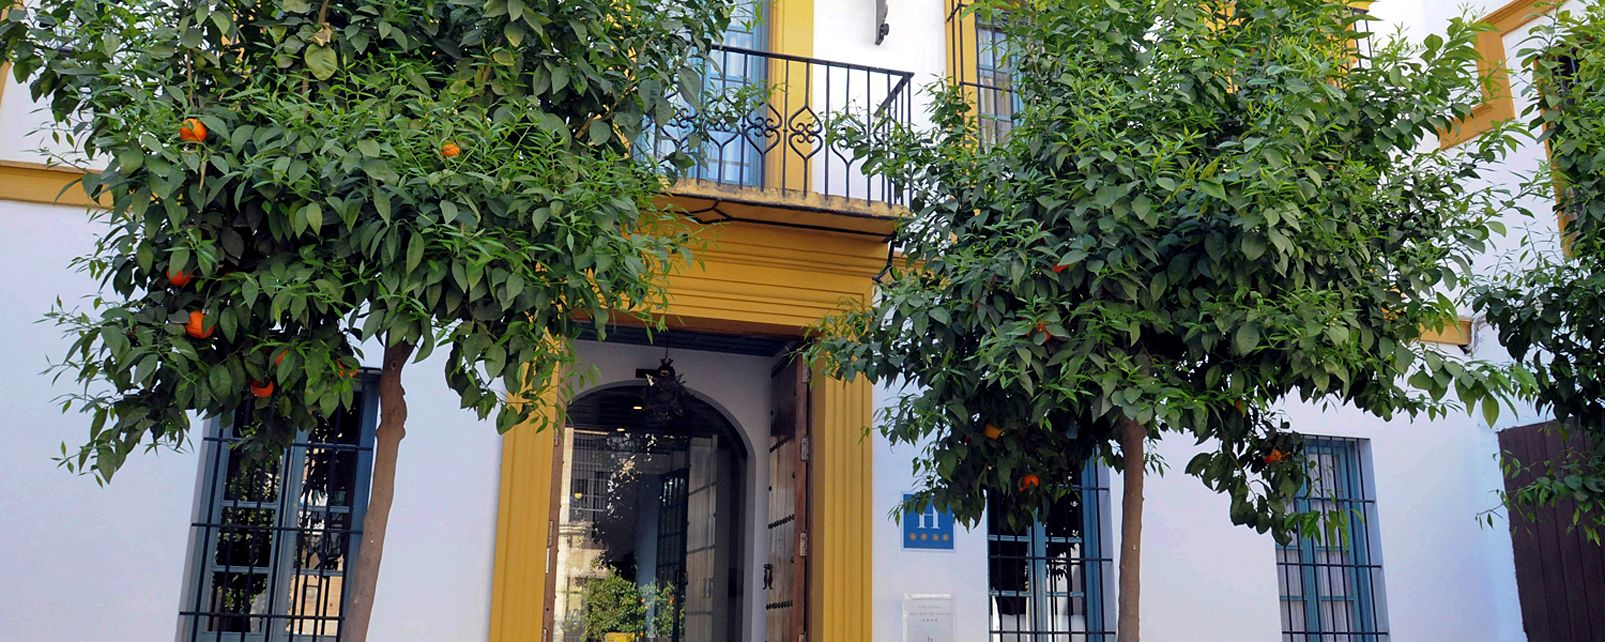 Hôtel Hospes Las Casas del Rey de Baeza